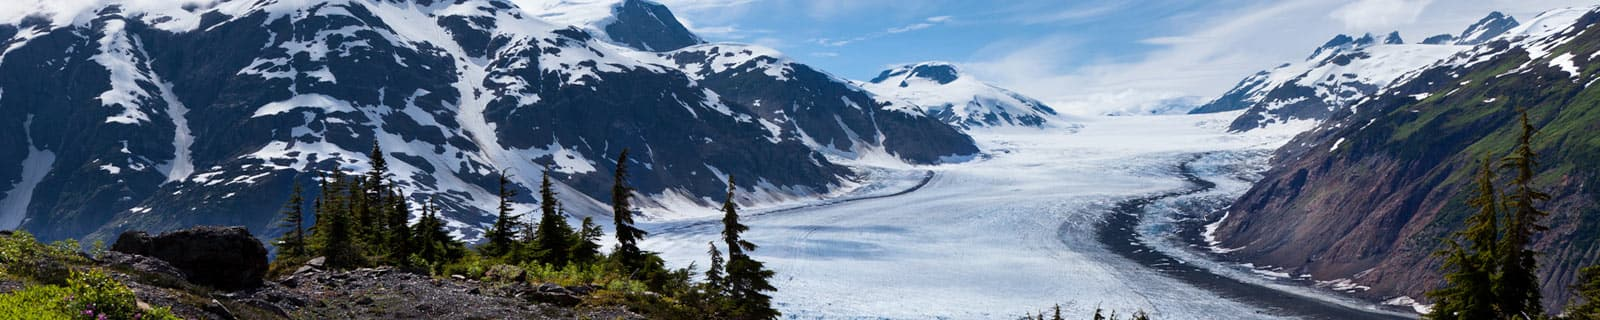 Alaskakreuzfahrten